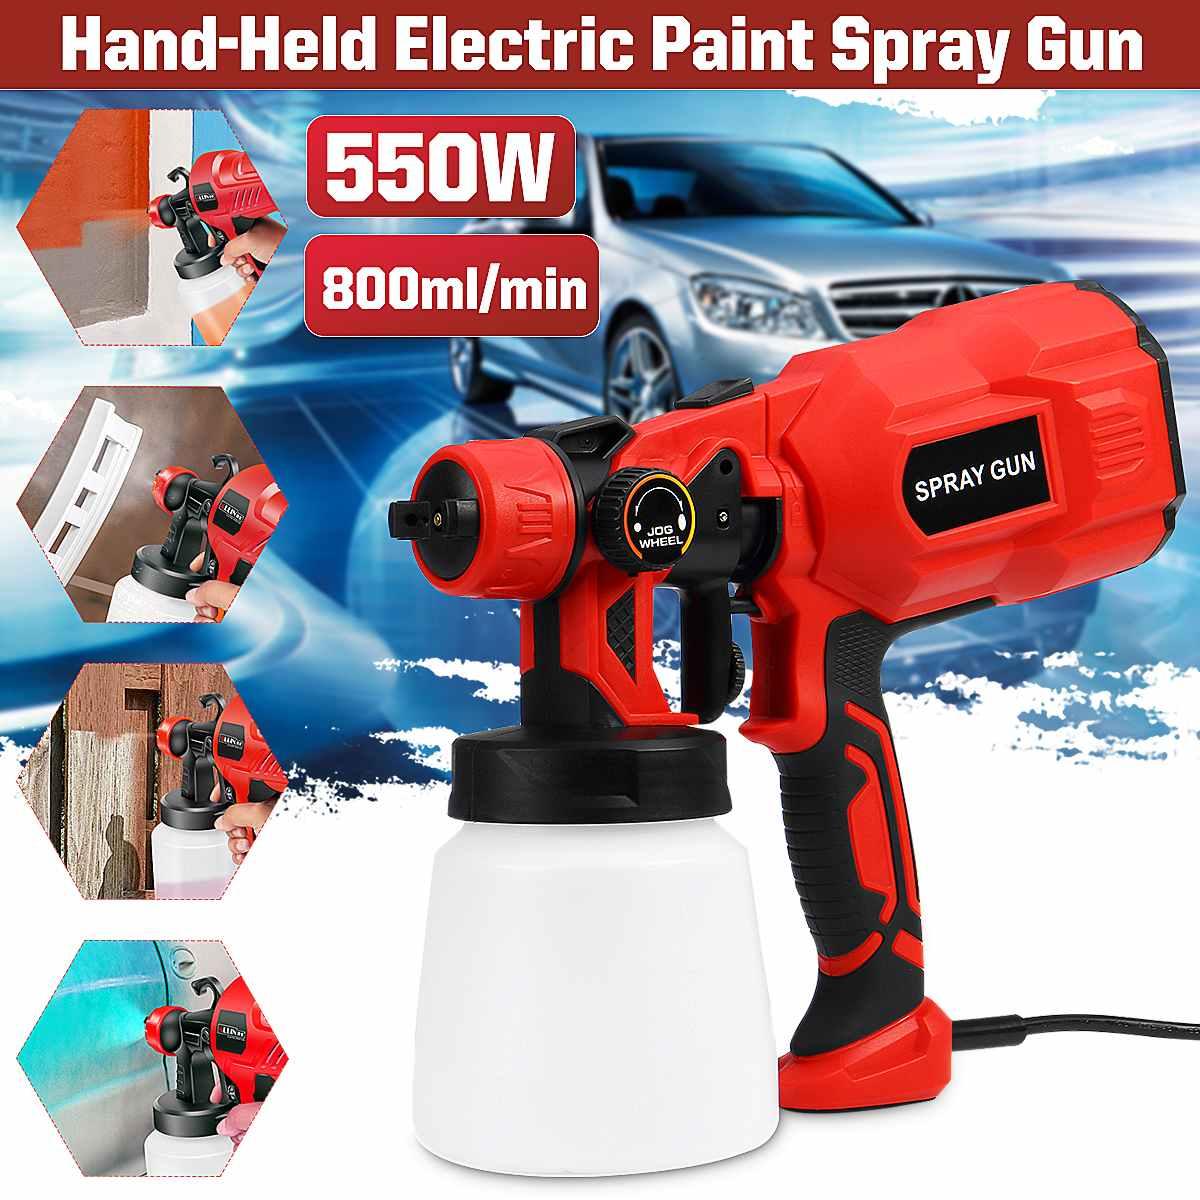 1.8/2.5MM Nozzle Spray Guns Paint 650W 220V 800ML High Power Spray Guns Home Electric Paint Sprayer Easy Spraying Clean Spray Guns    - AliExpress